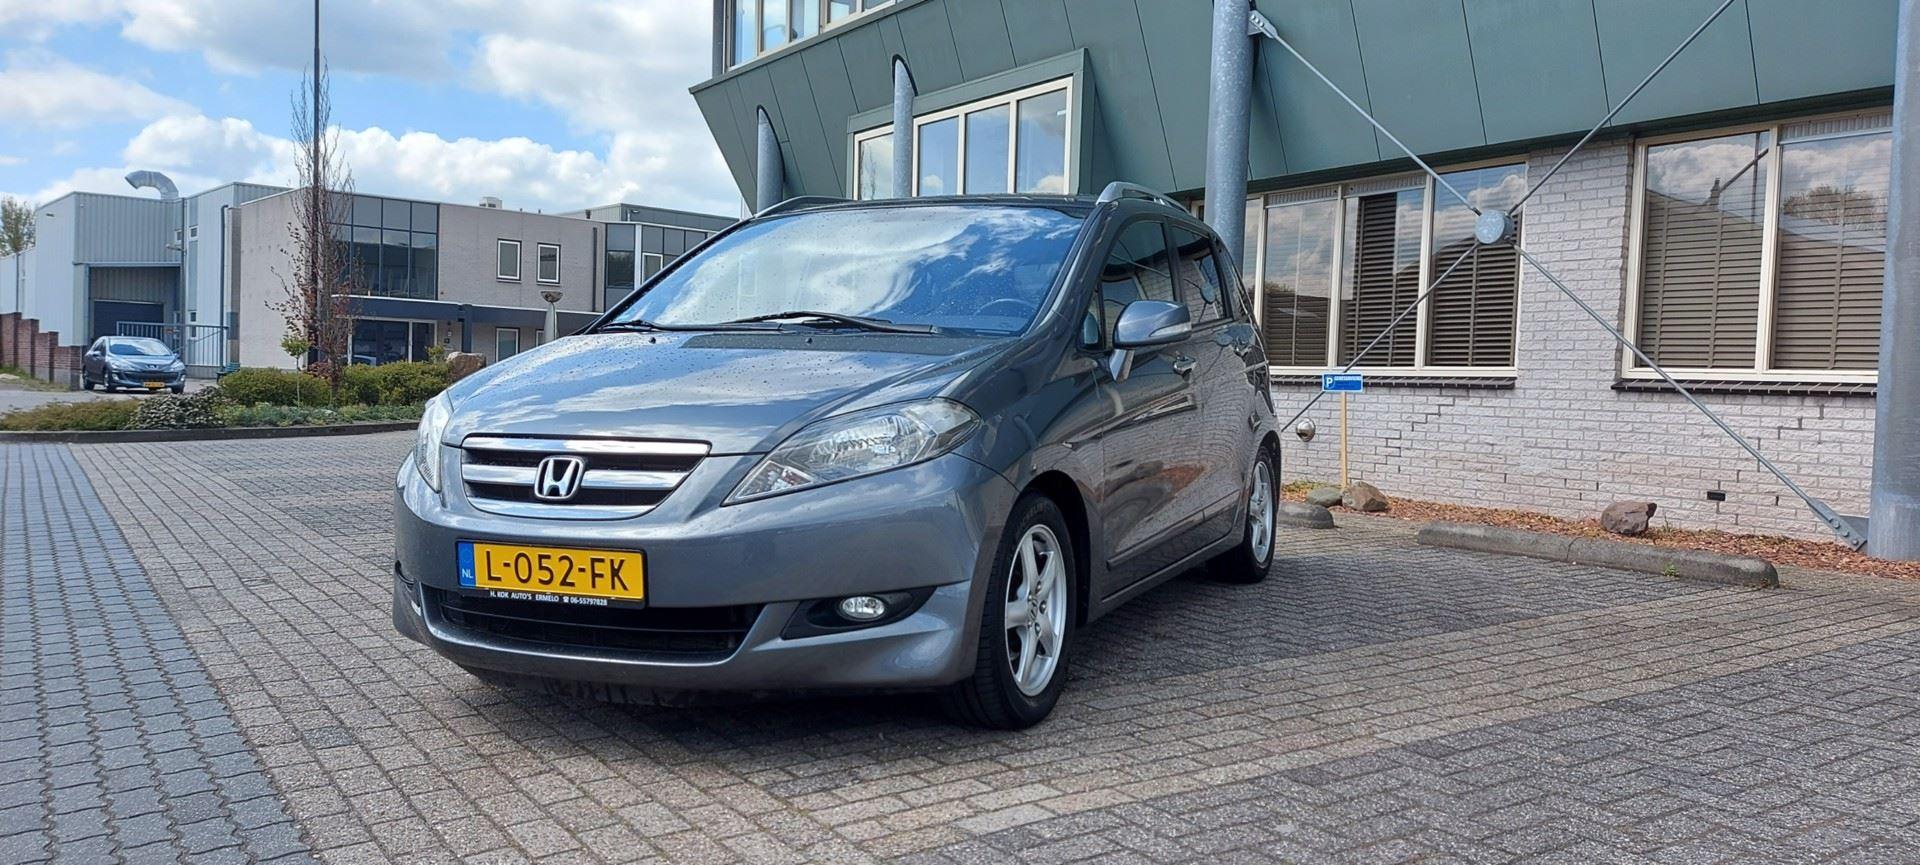 Honda FR-V occasion - H. Kok Auto's